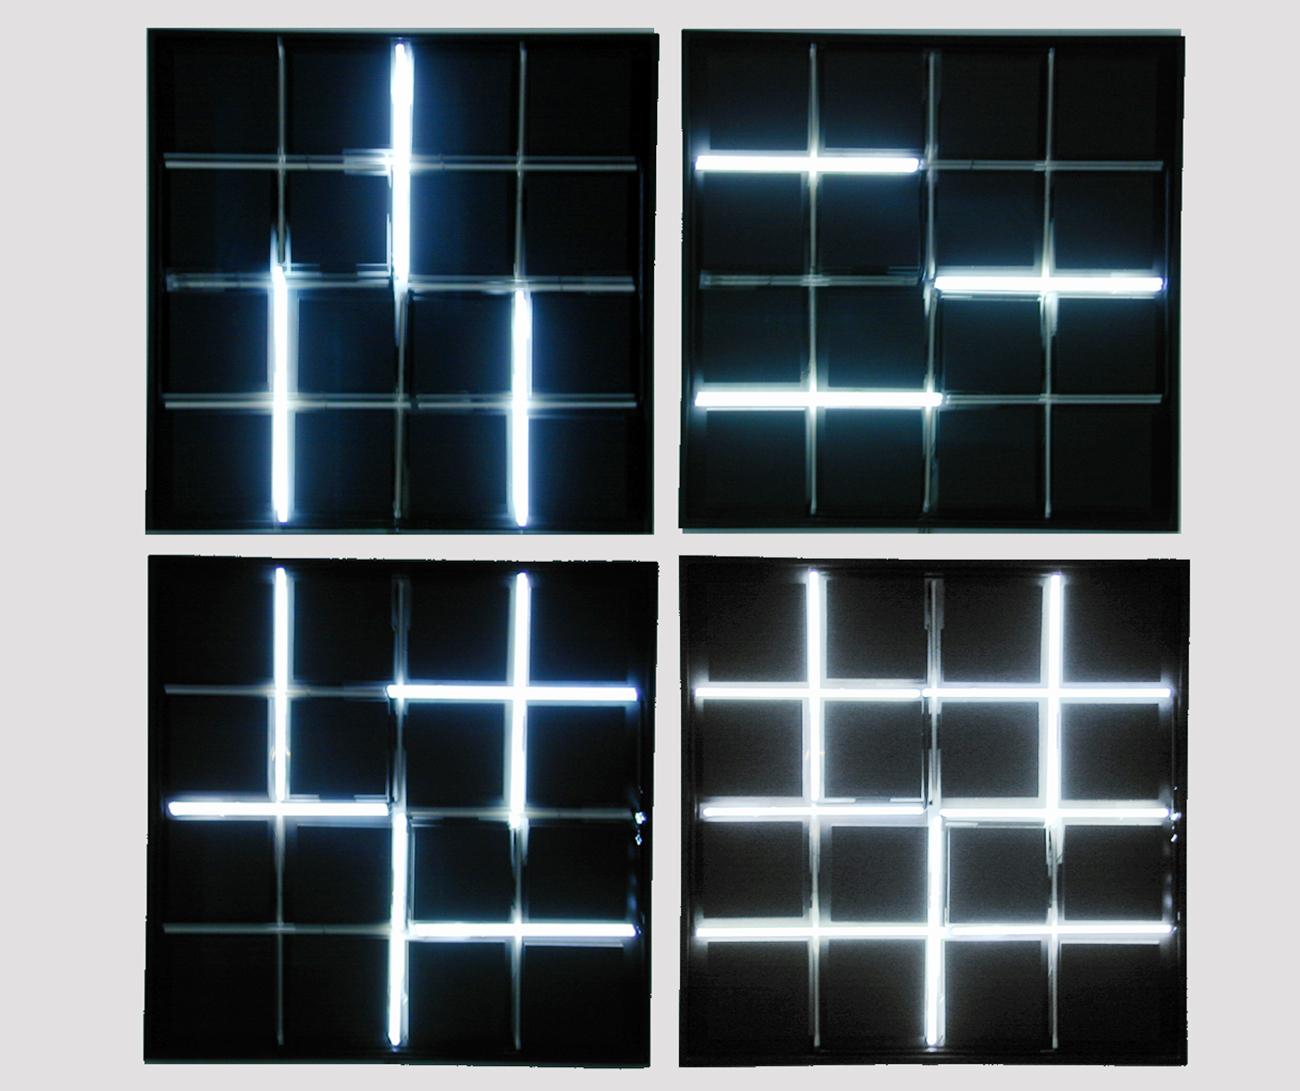 Francois Moreliet. Neon 0°–90°. 2016  / Francois Moreliet Collection (France)